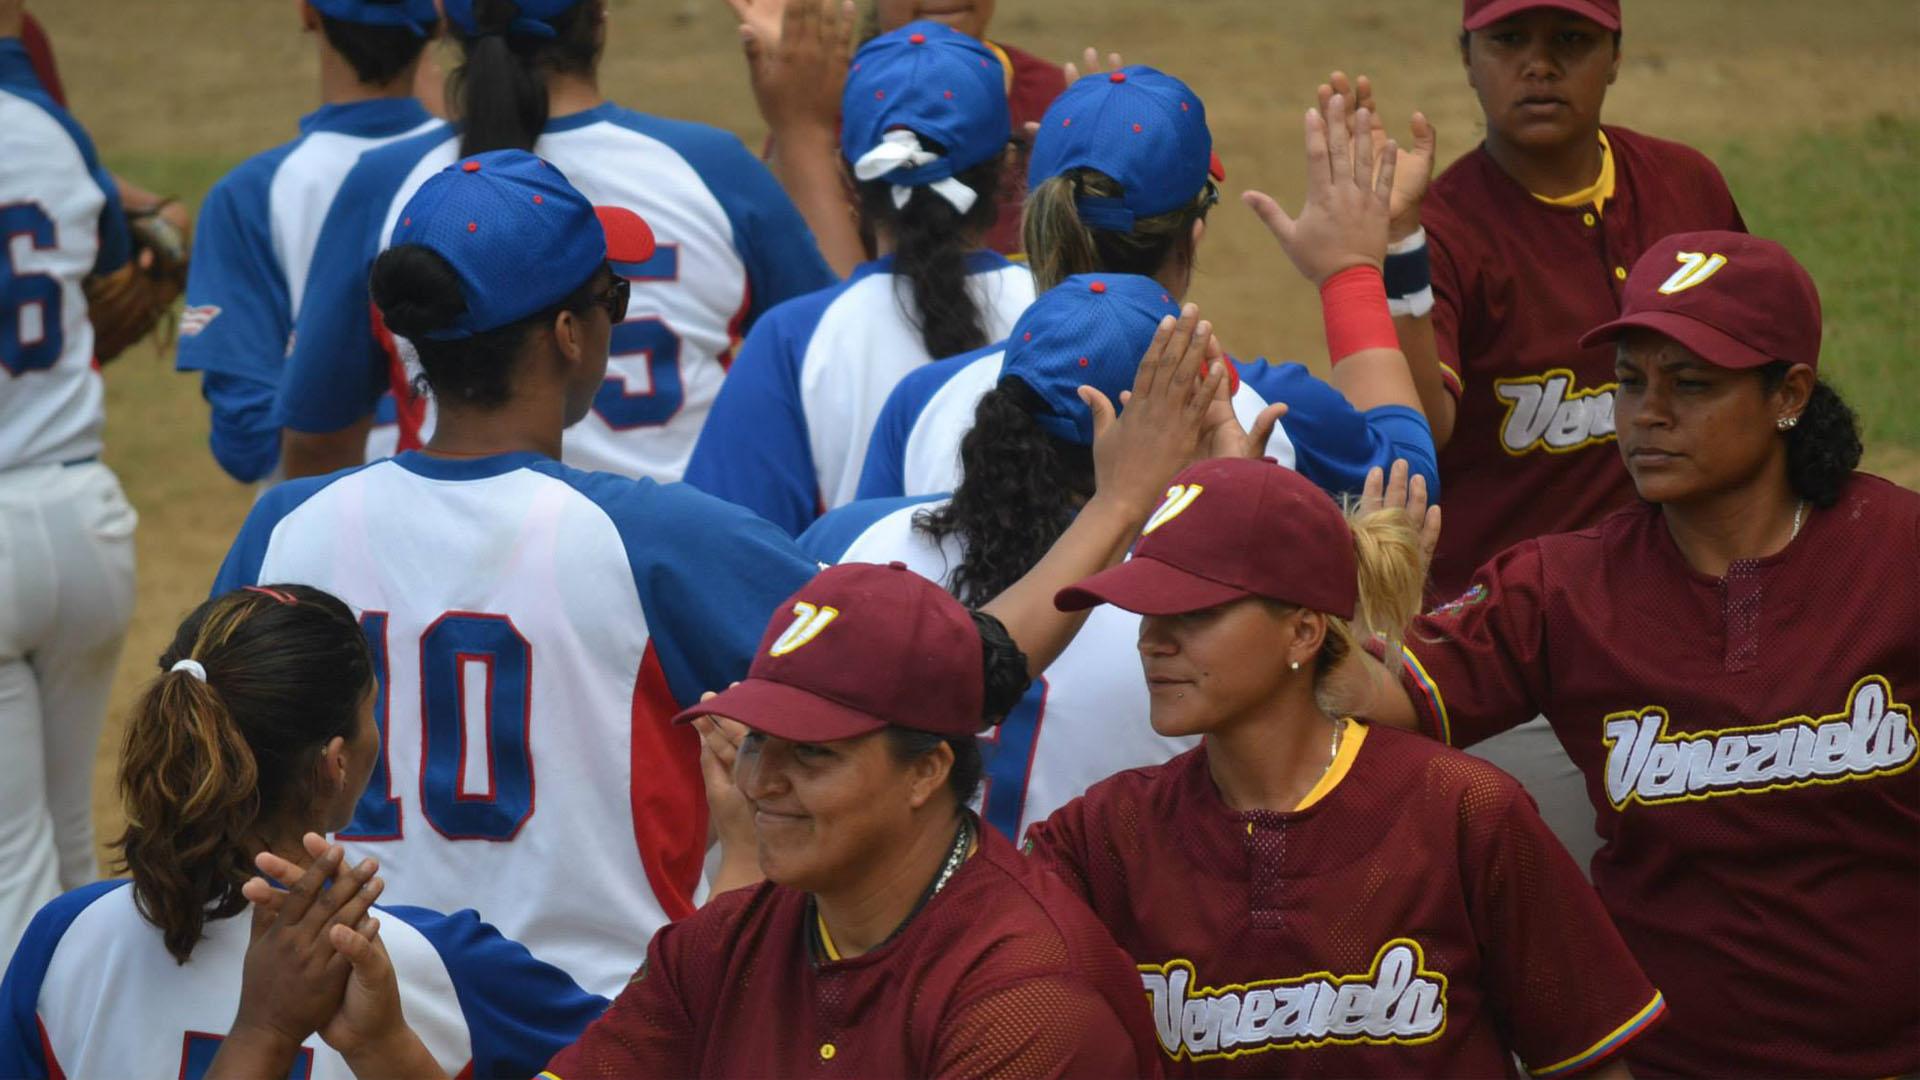 La vinotinto femenina de beisbol logró mantenerse entre los cinco mejores equipos tras el mundial